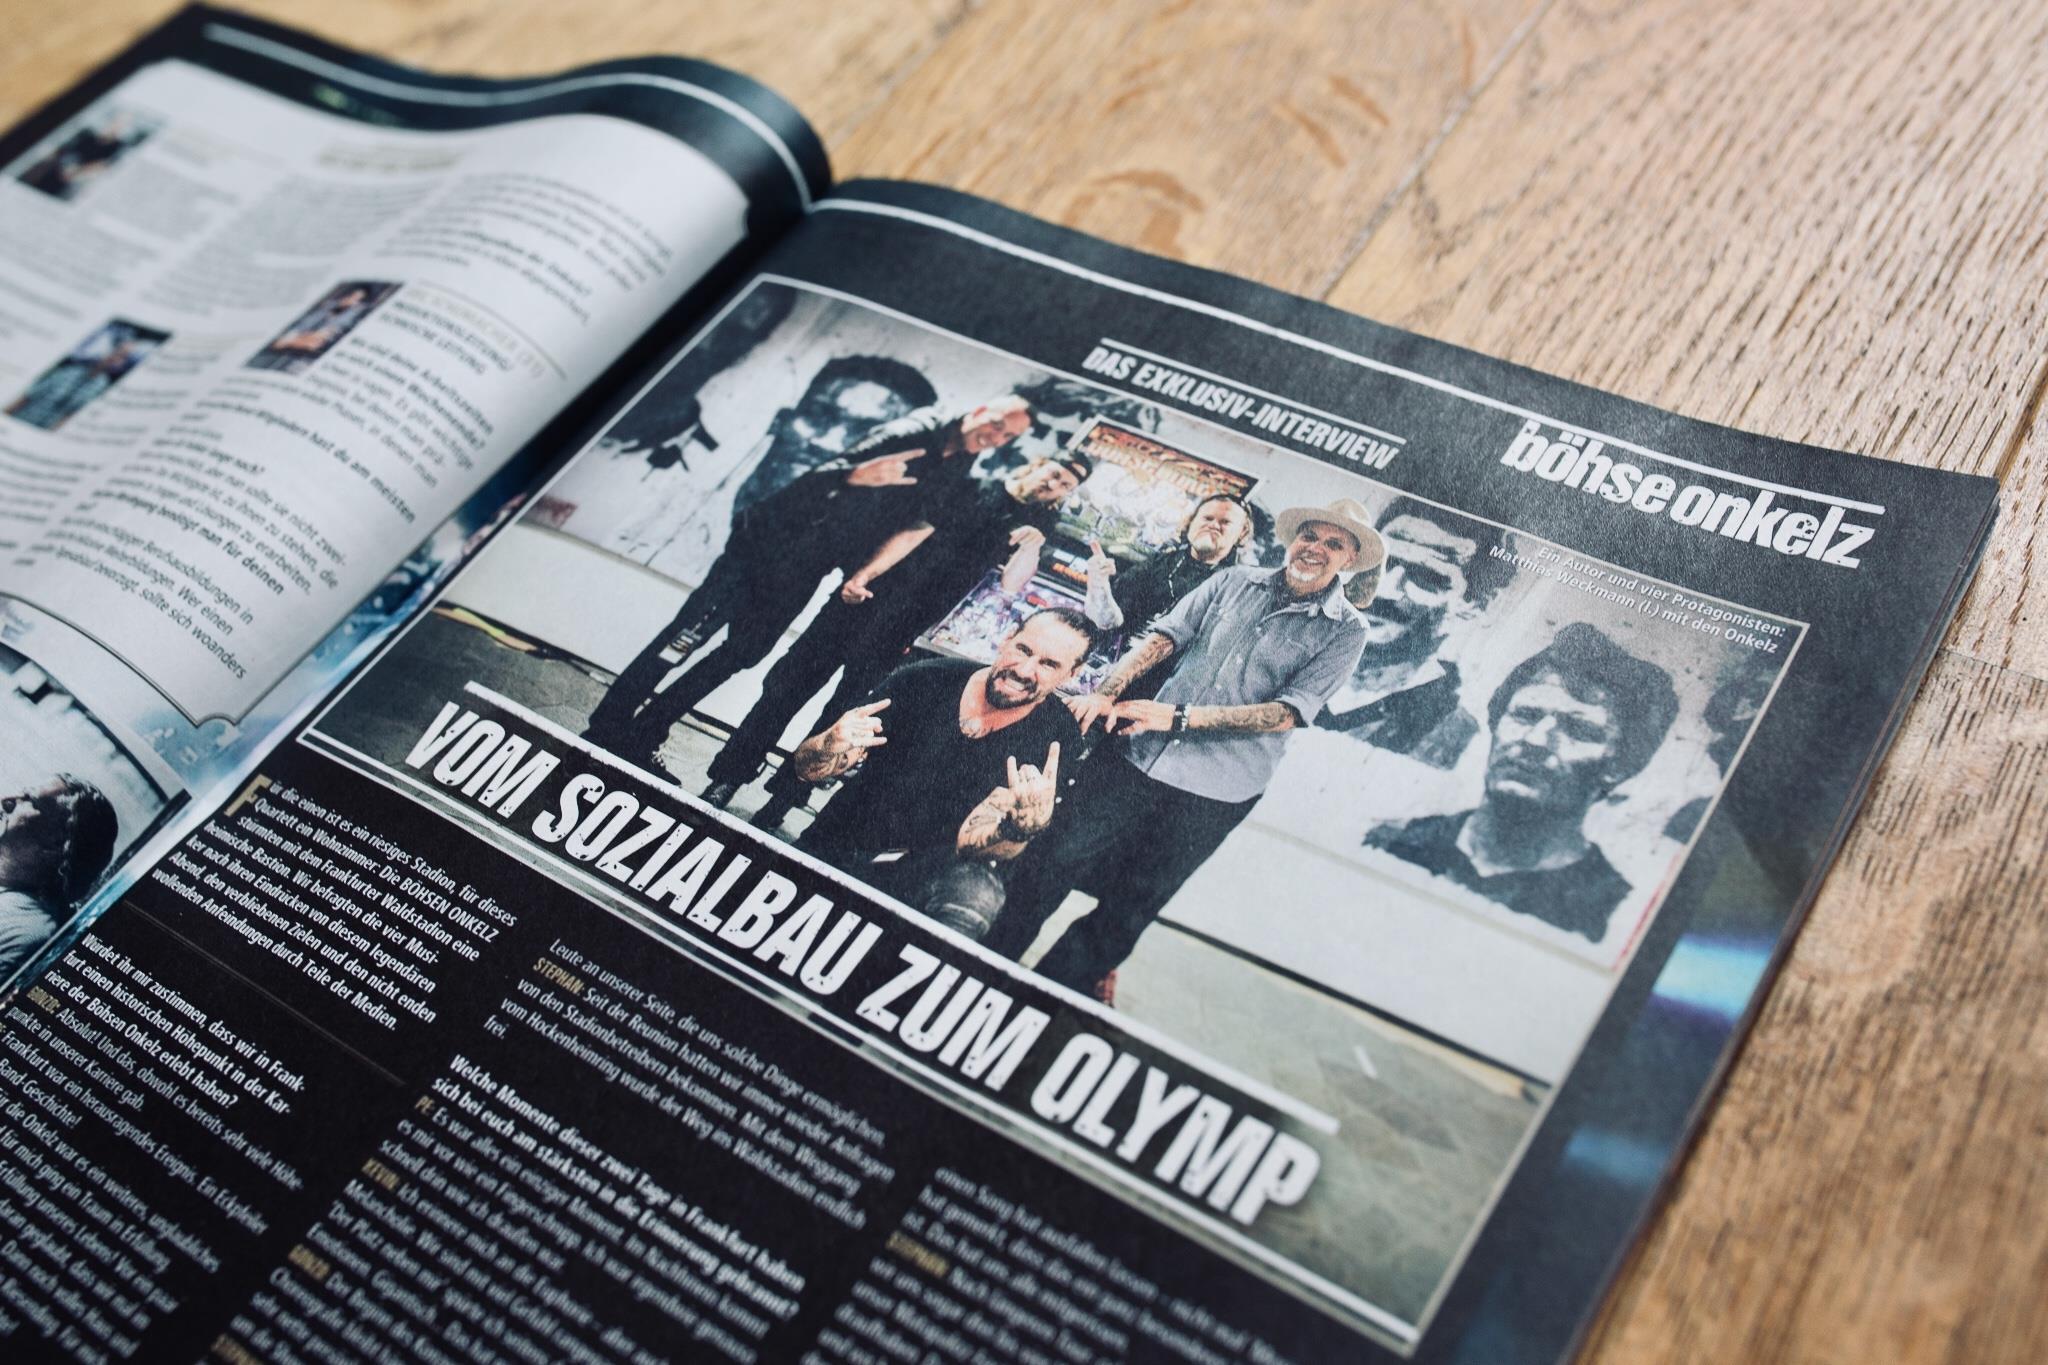 Tobias Stark - Metal Hammer - Böhse Onkelz